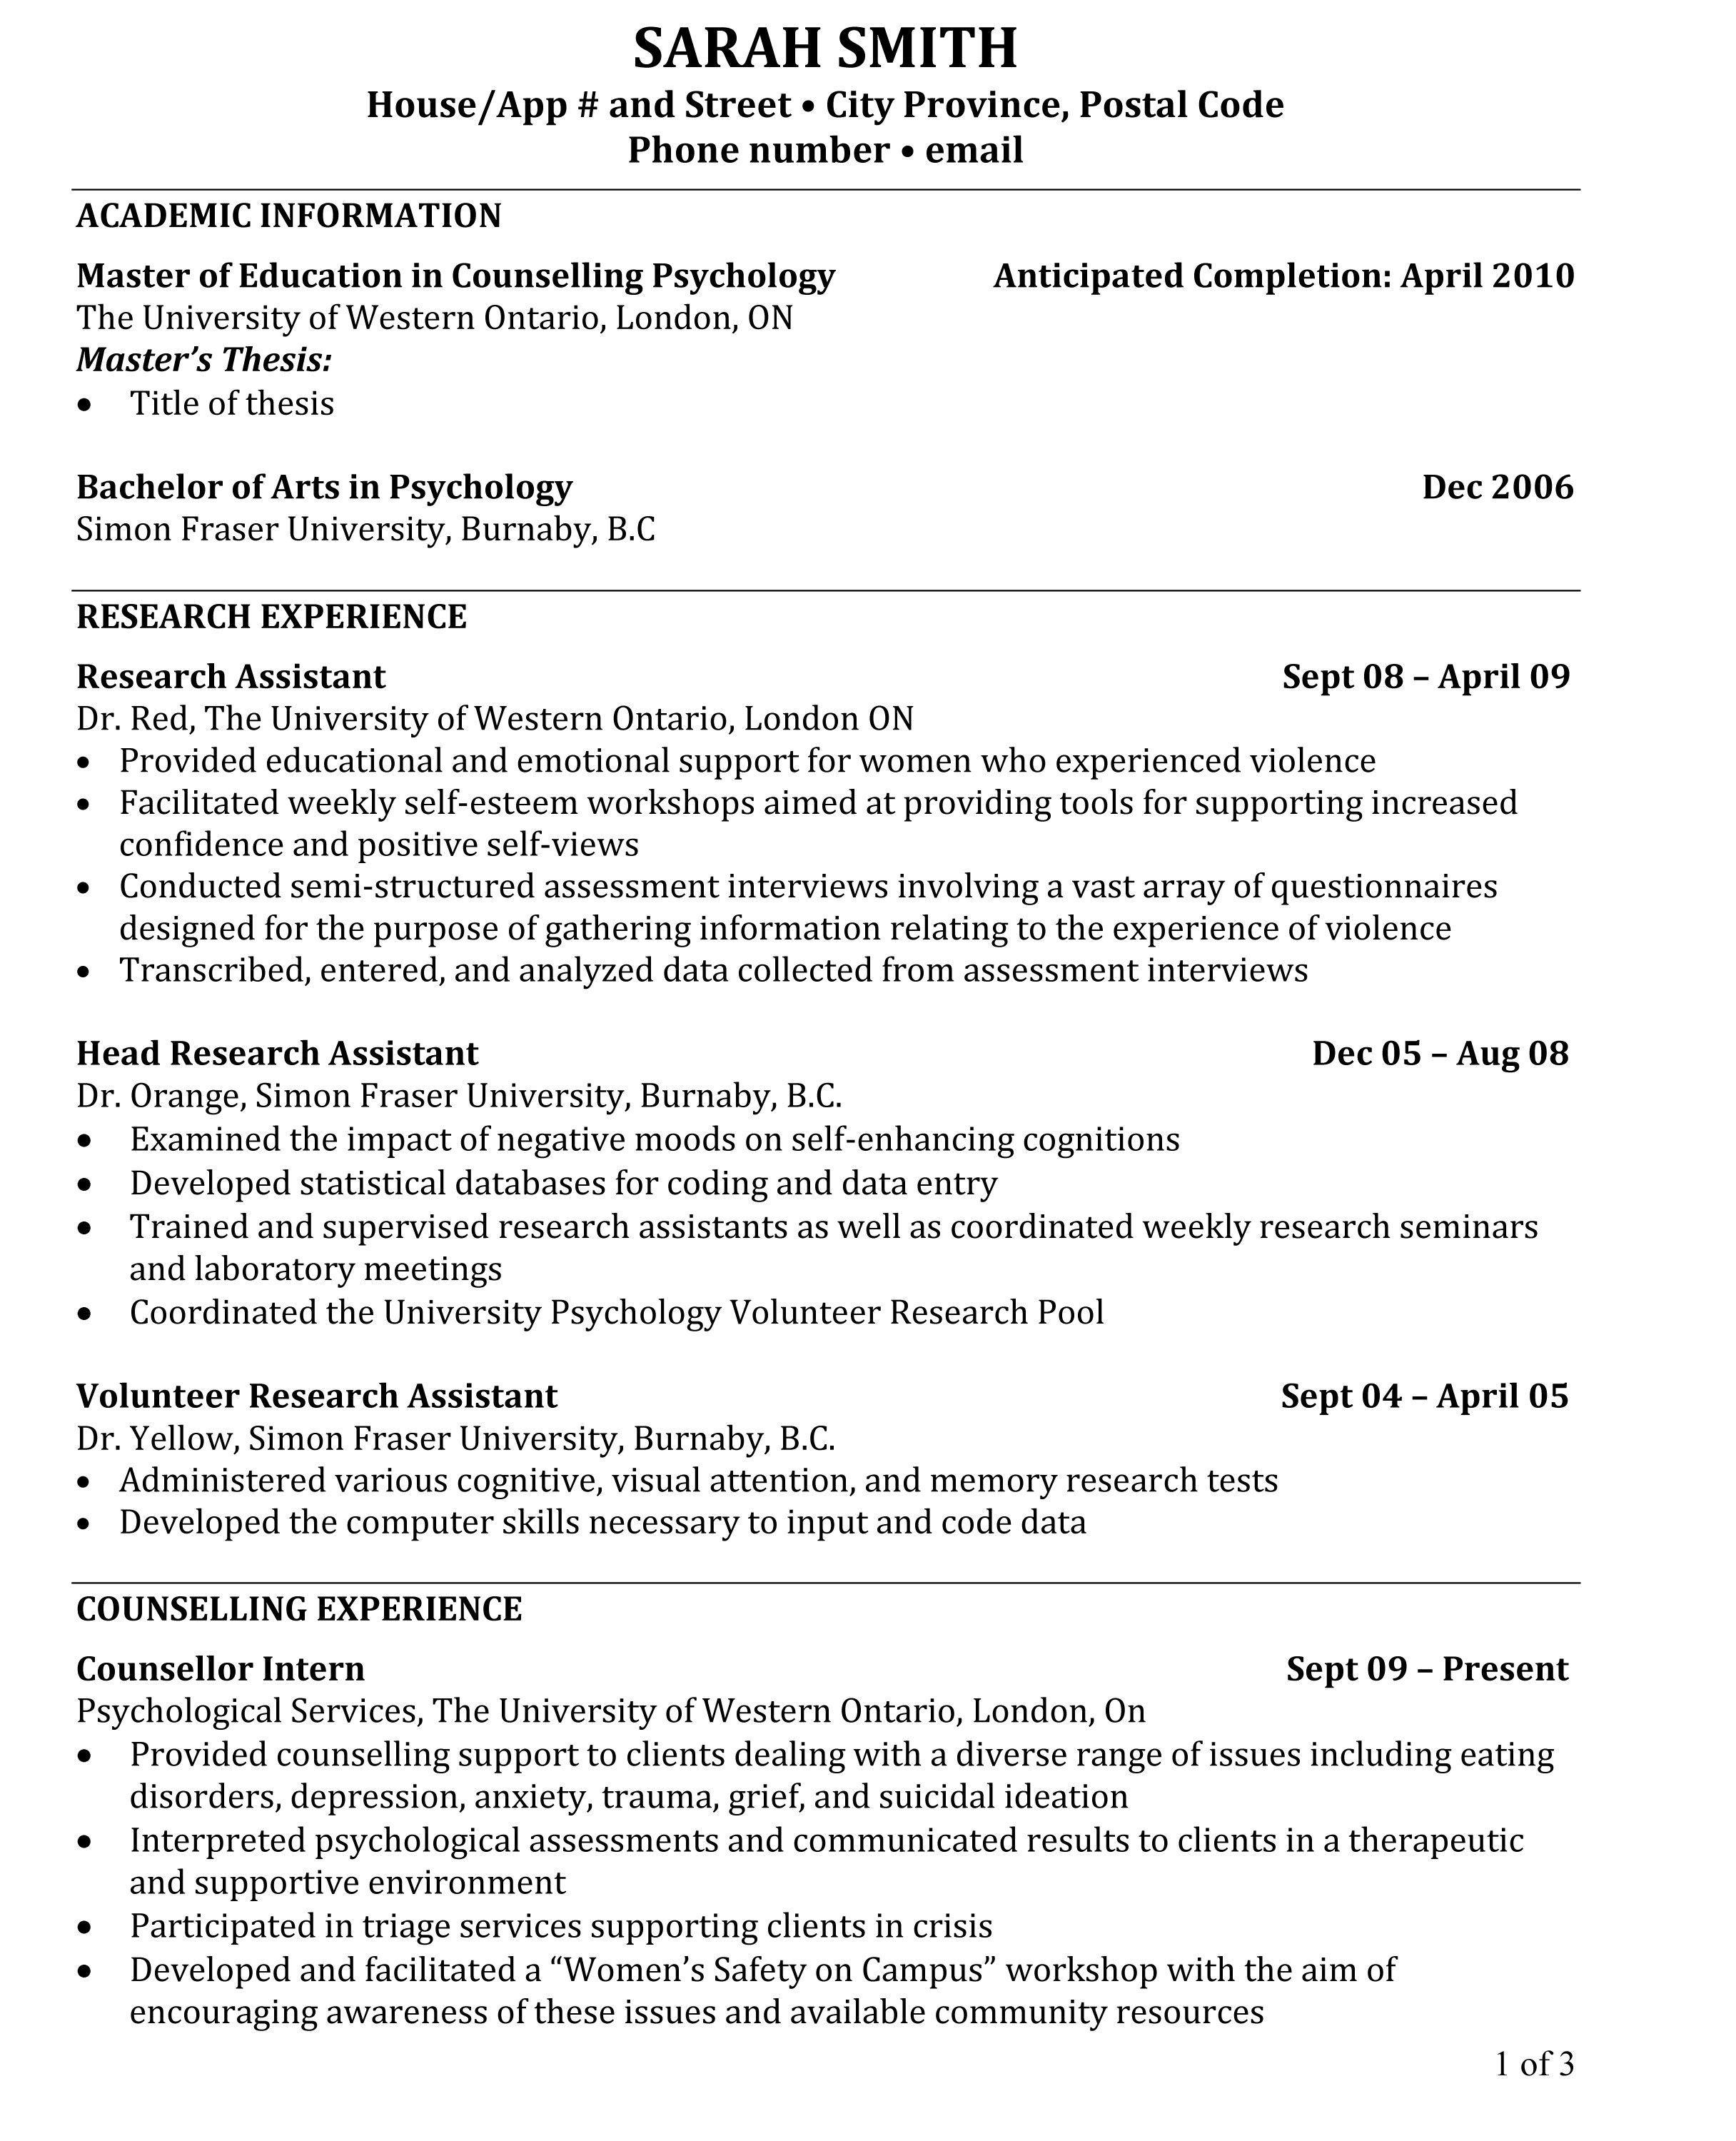 Resume for phd students mr bleaney philip larkin essay